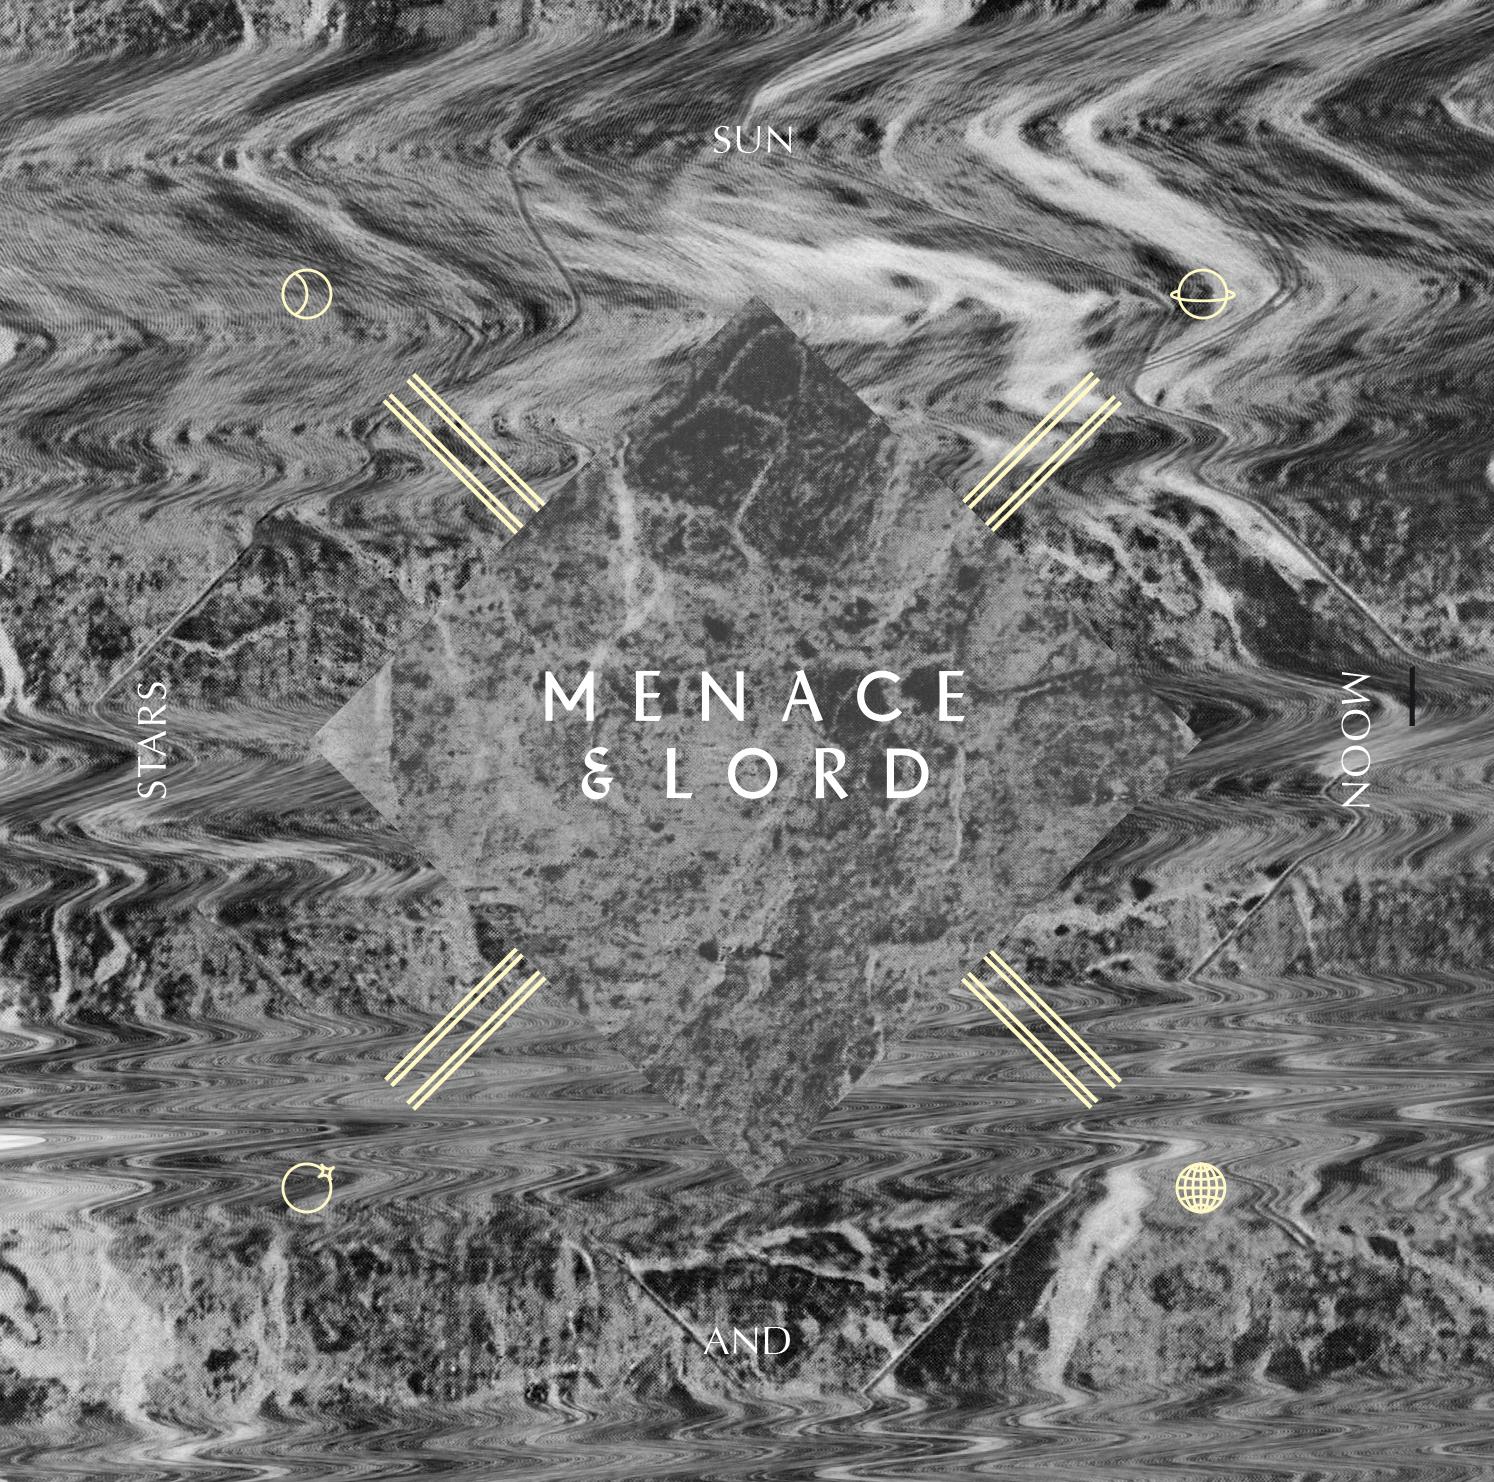 Kris Menace & Simon Lord zeigen uns Sonne, Mond und Sterne